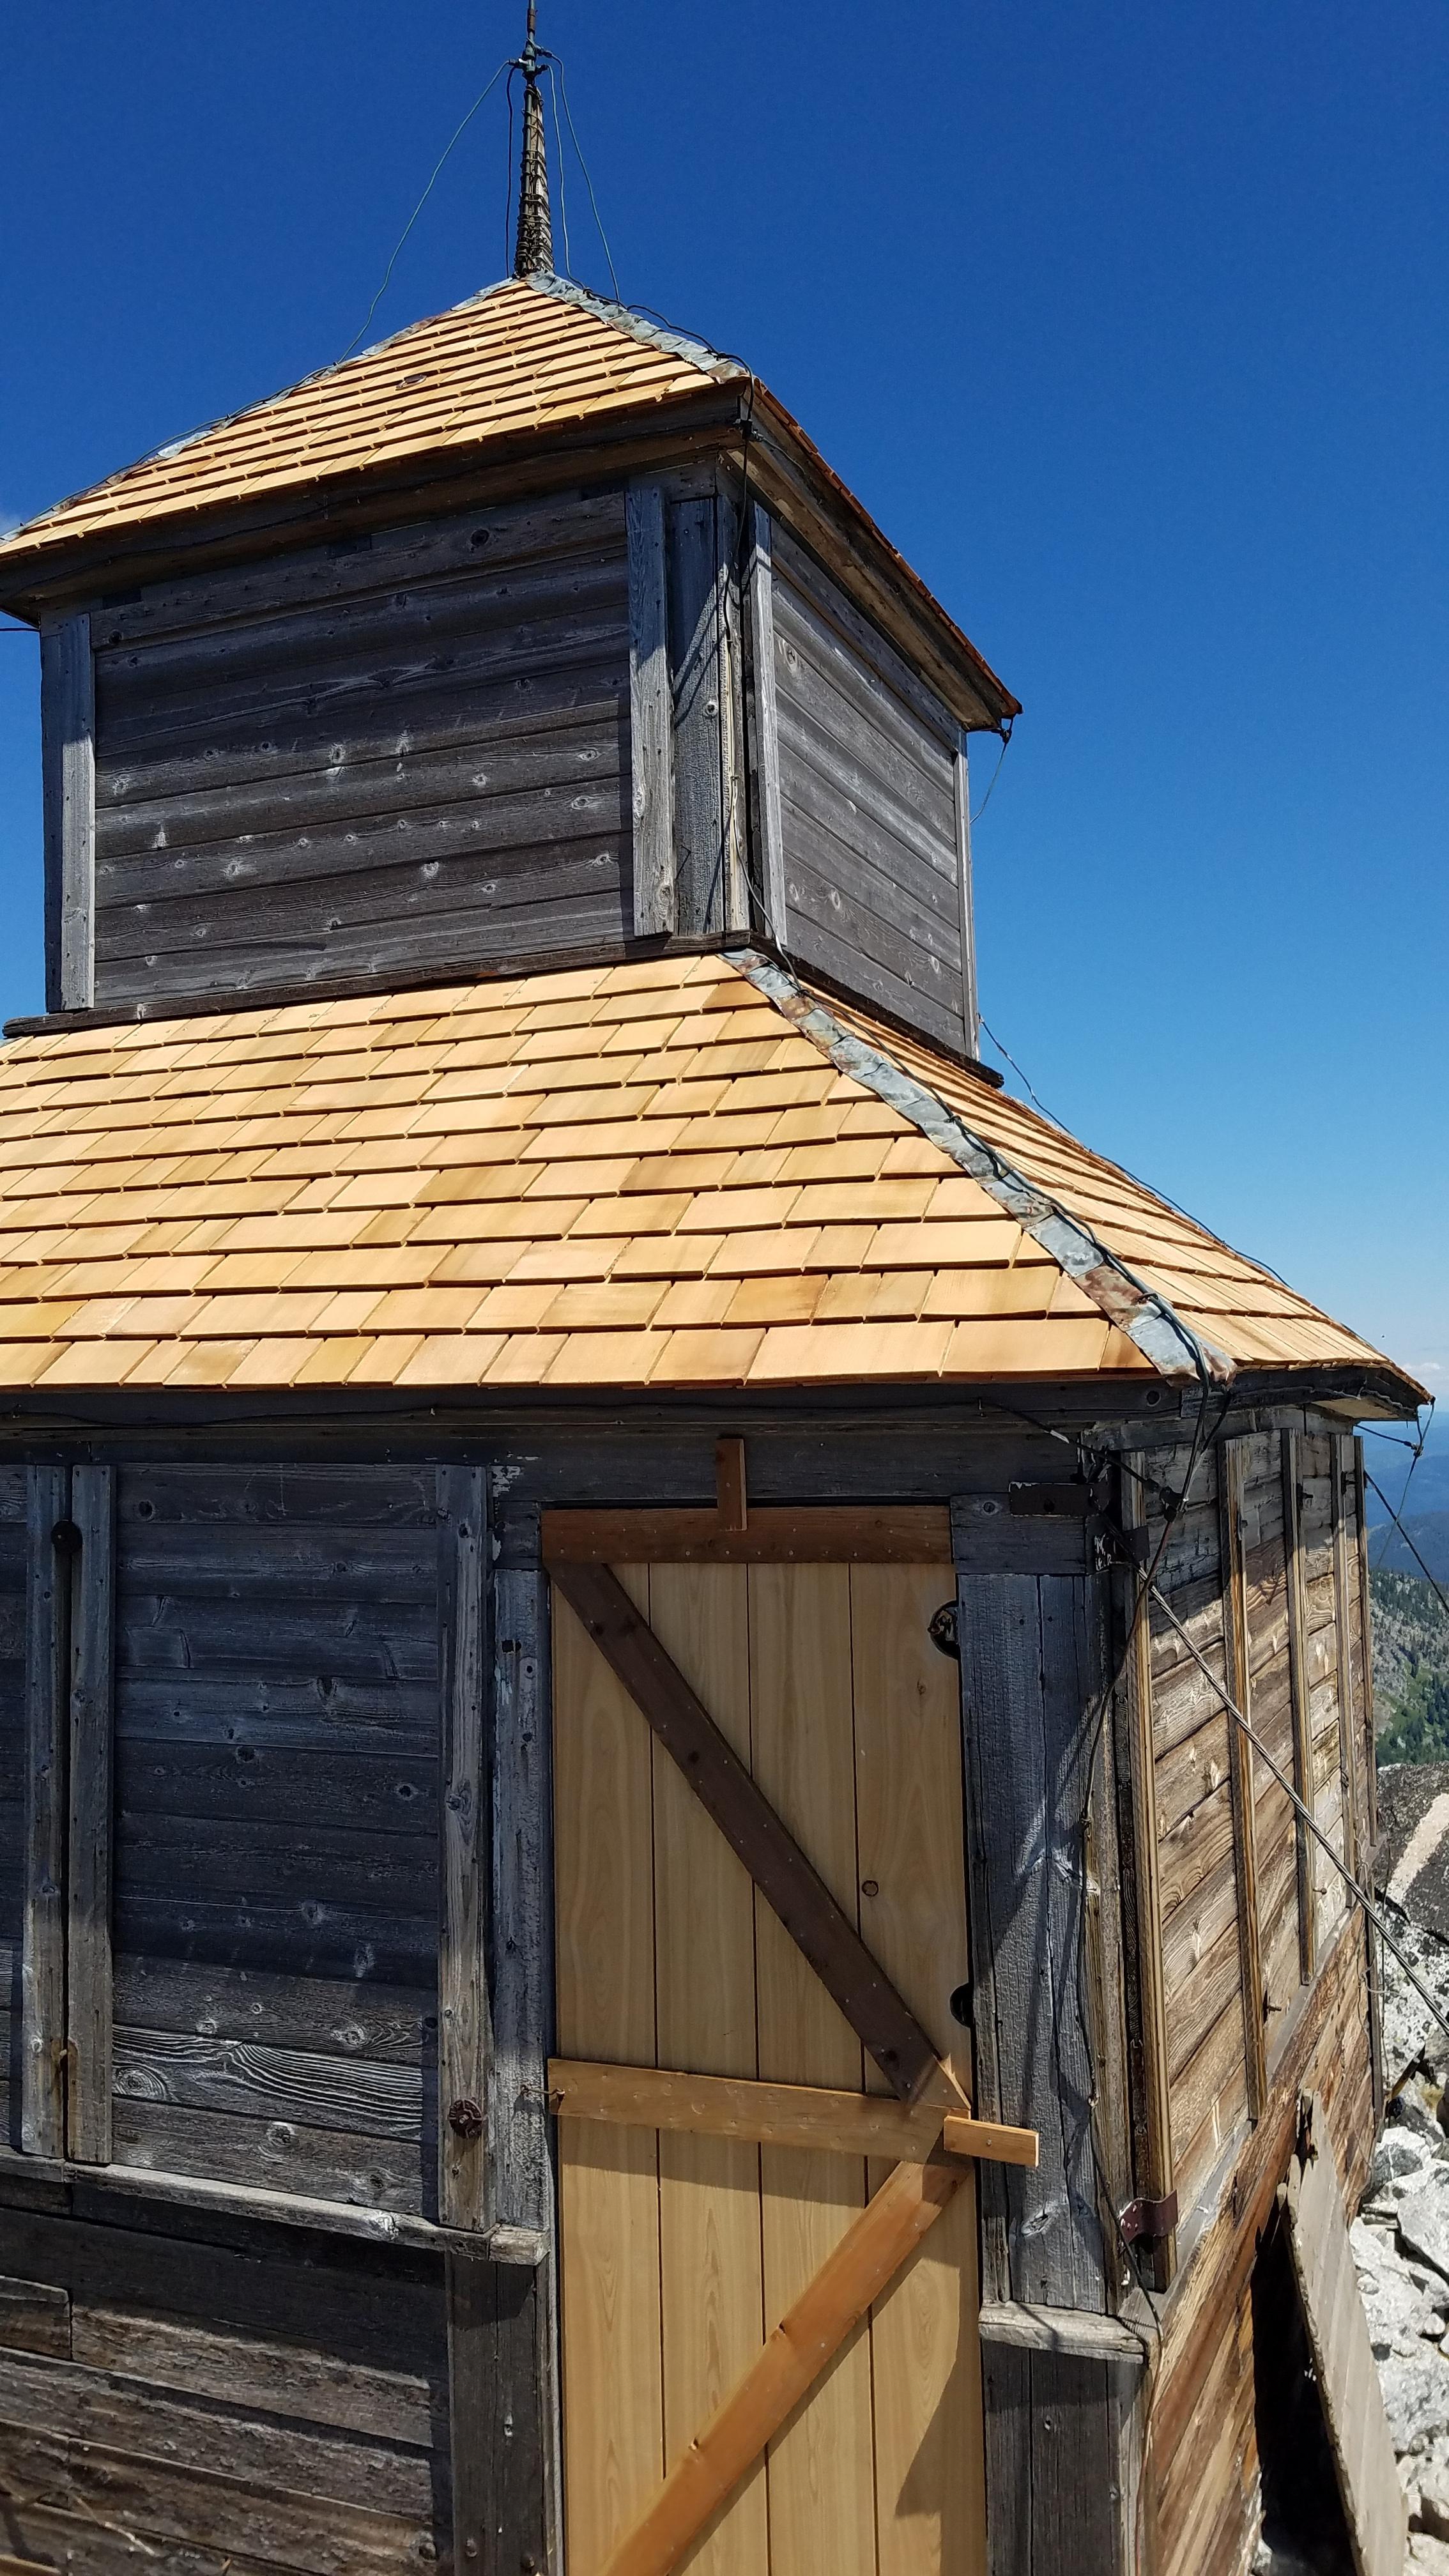 New roofs & door.